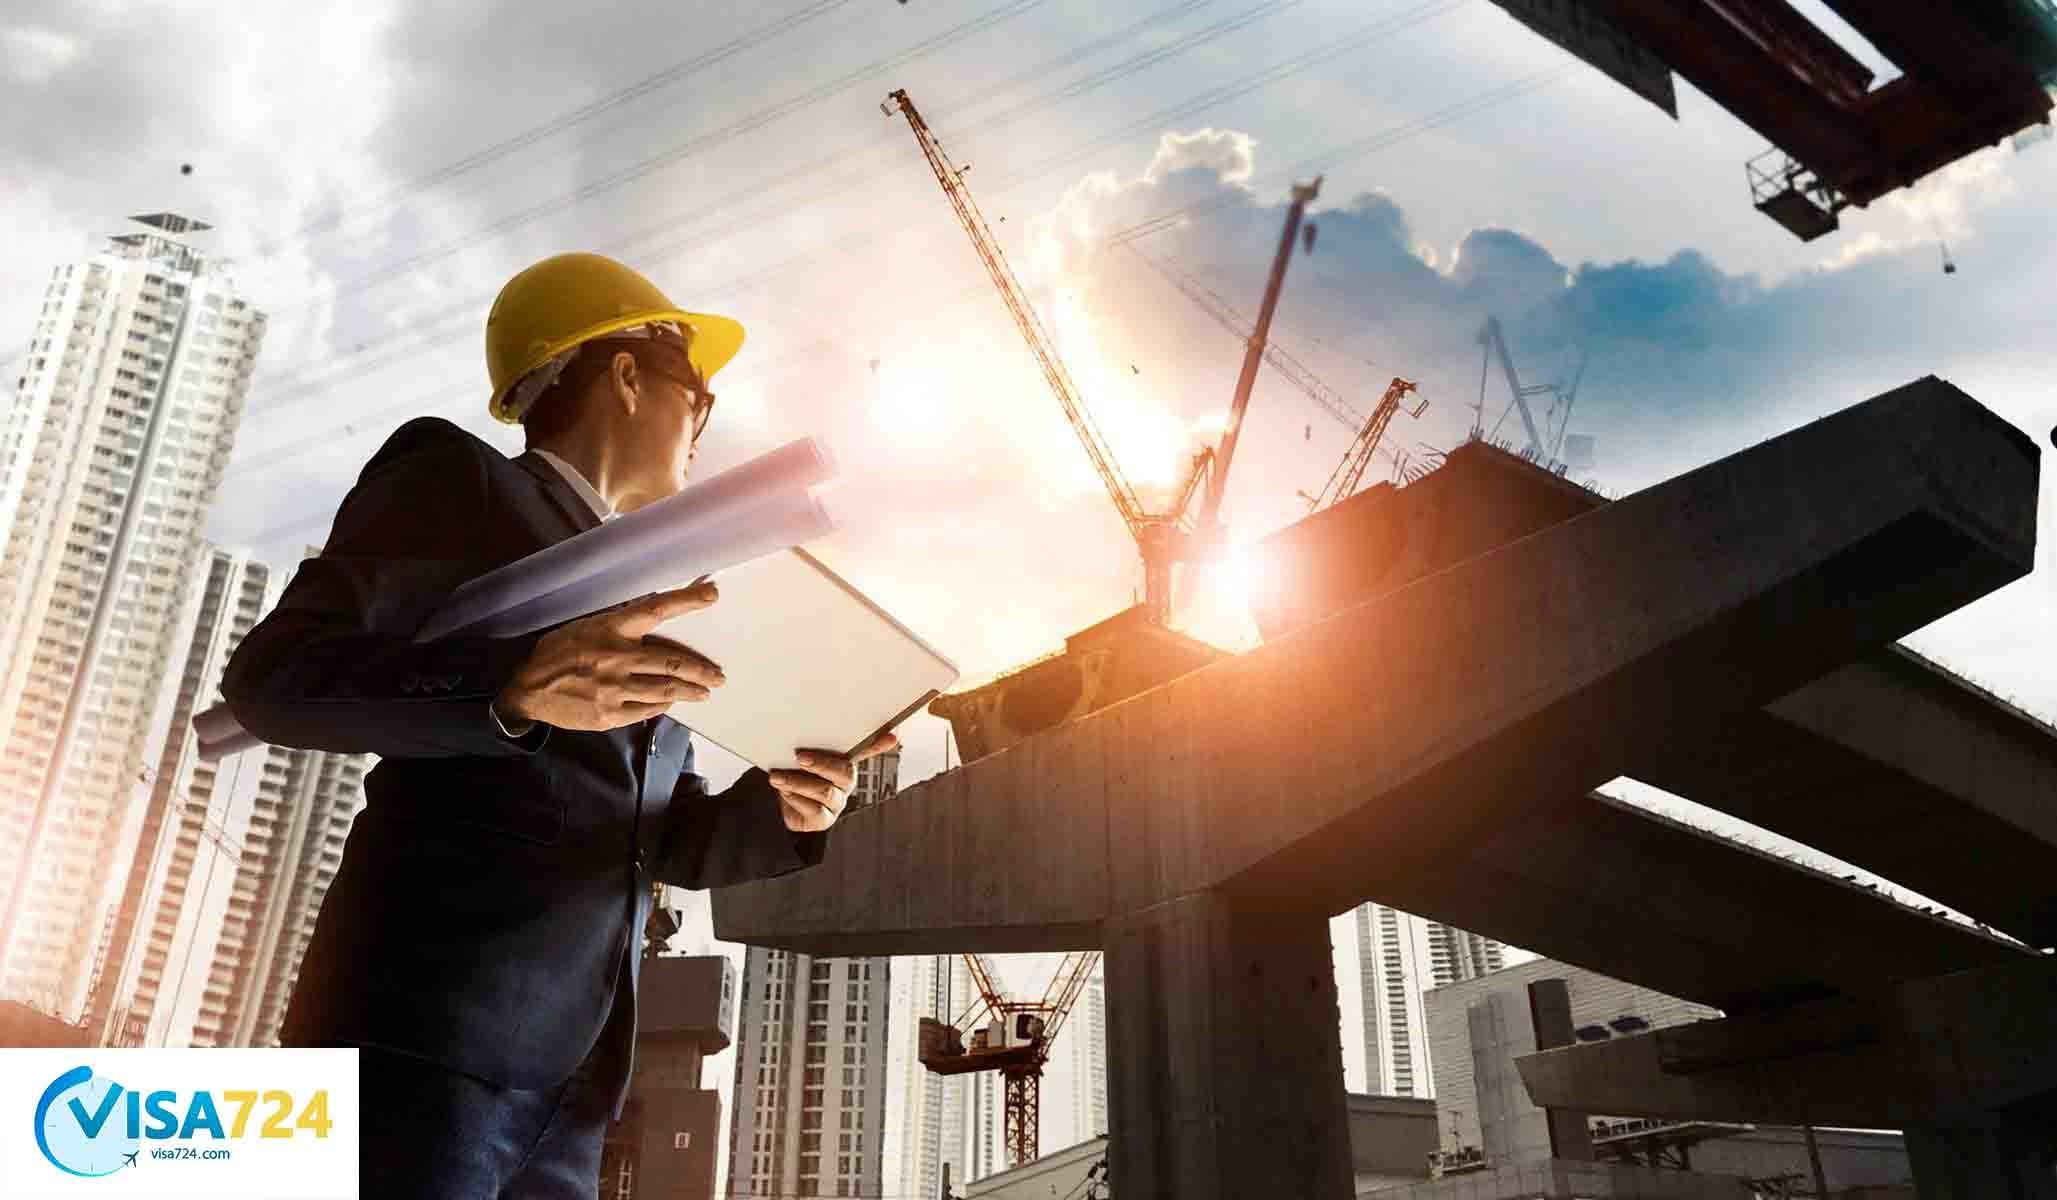 درآمد مدیر ساخت و ساز